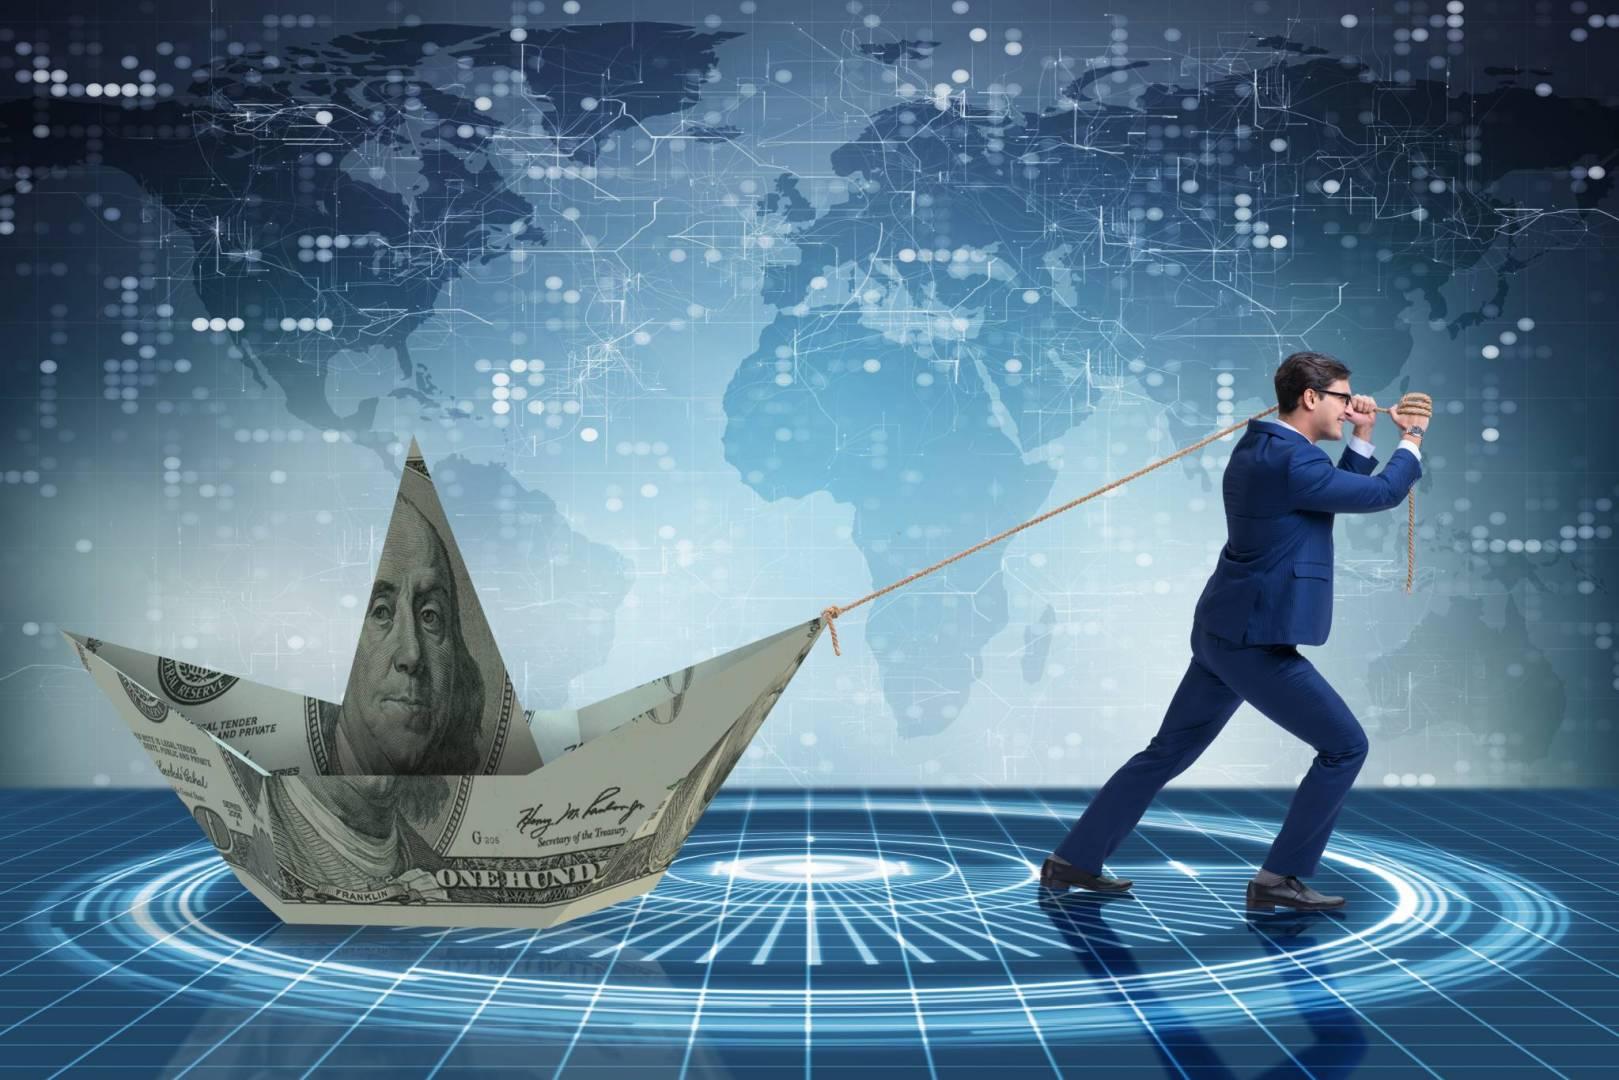 لماذا تهرب الأموال من الأسواق الناشئة رغم خفض الفائدة الأميركية؟